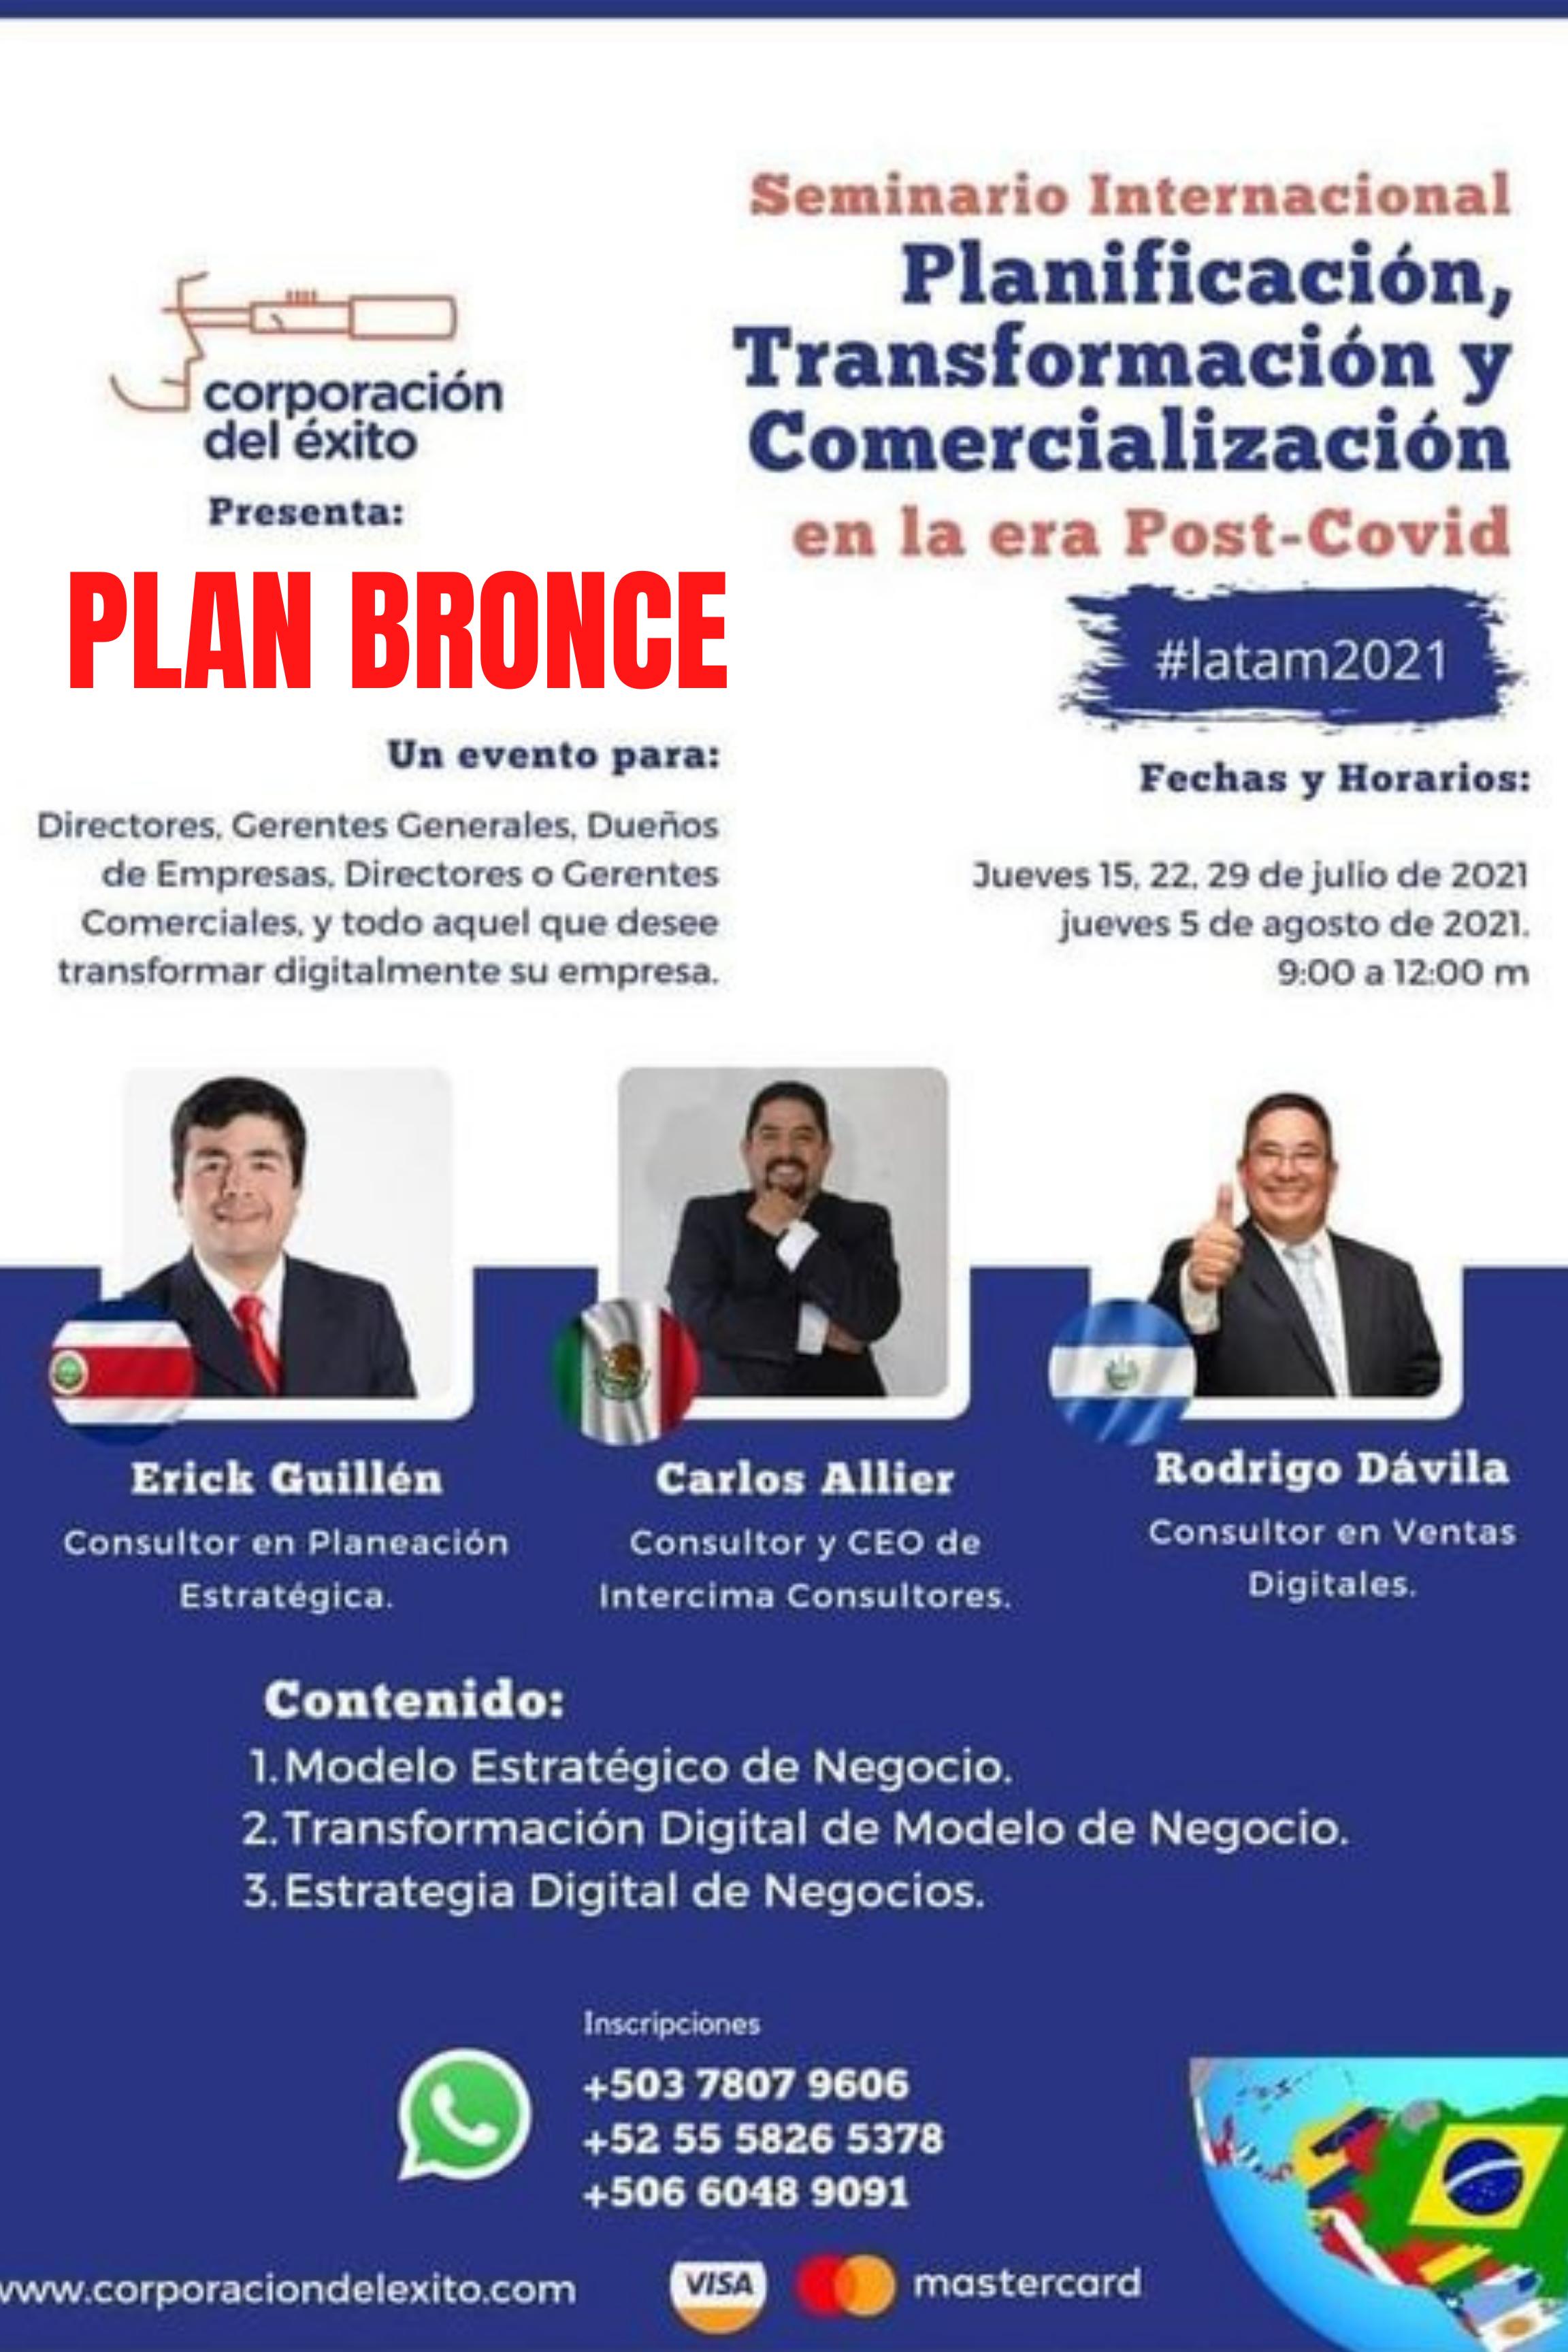 Planificación, Transformación y Comercialización (Plan Bronce)